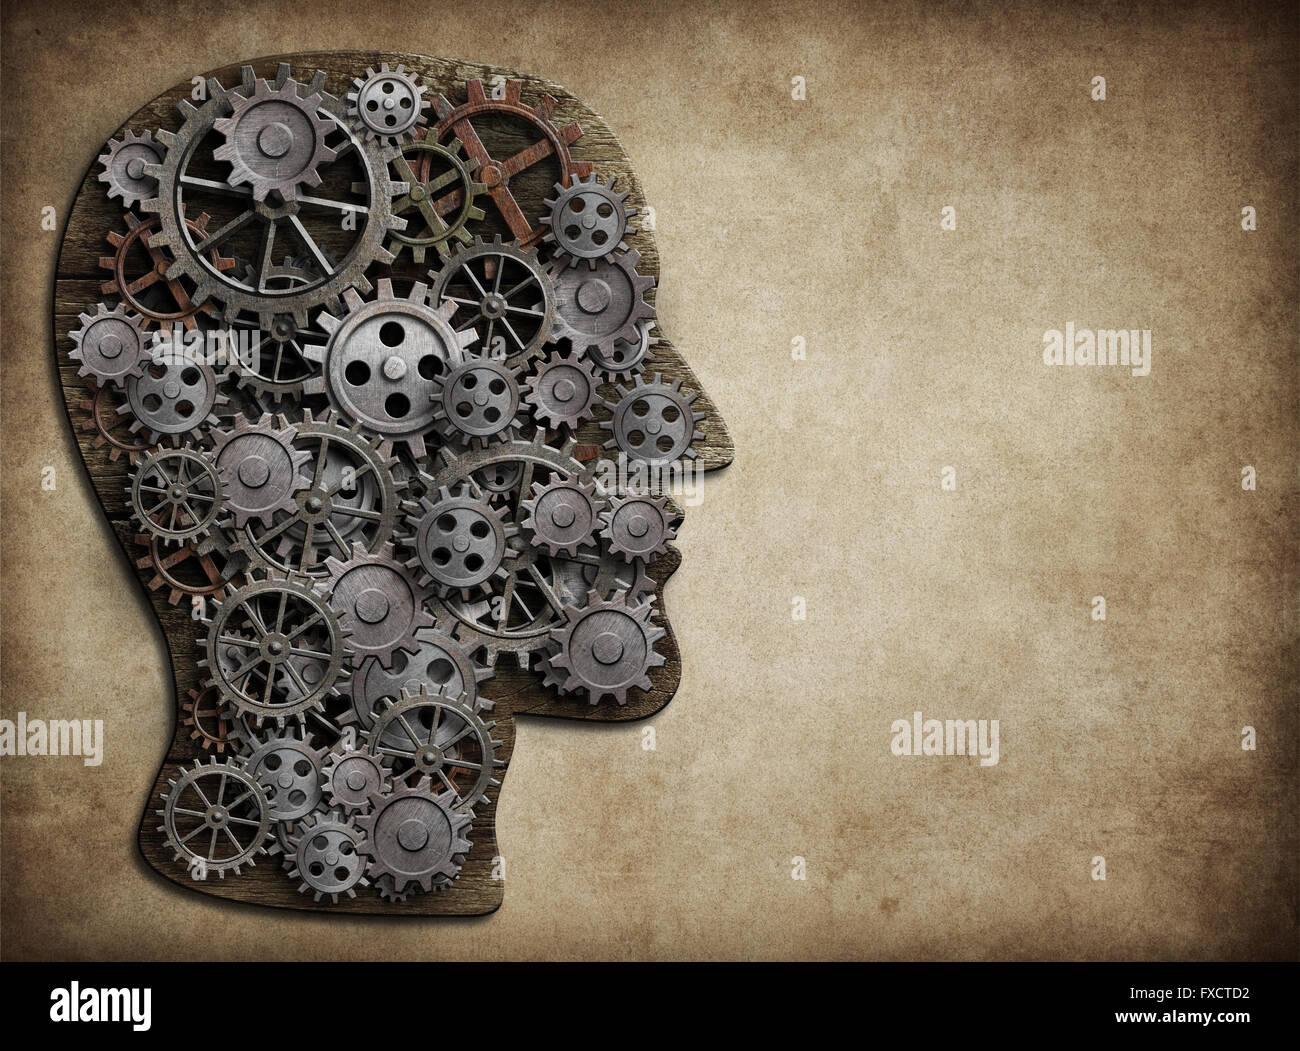 Cabeza de piñones y engranajes. La actividad cerebral, la idea de concepto. Imagen De Stock